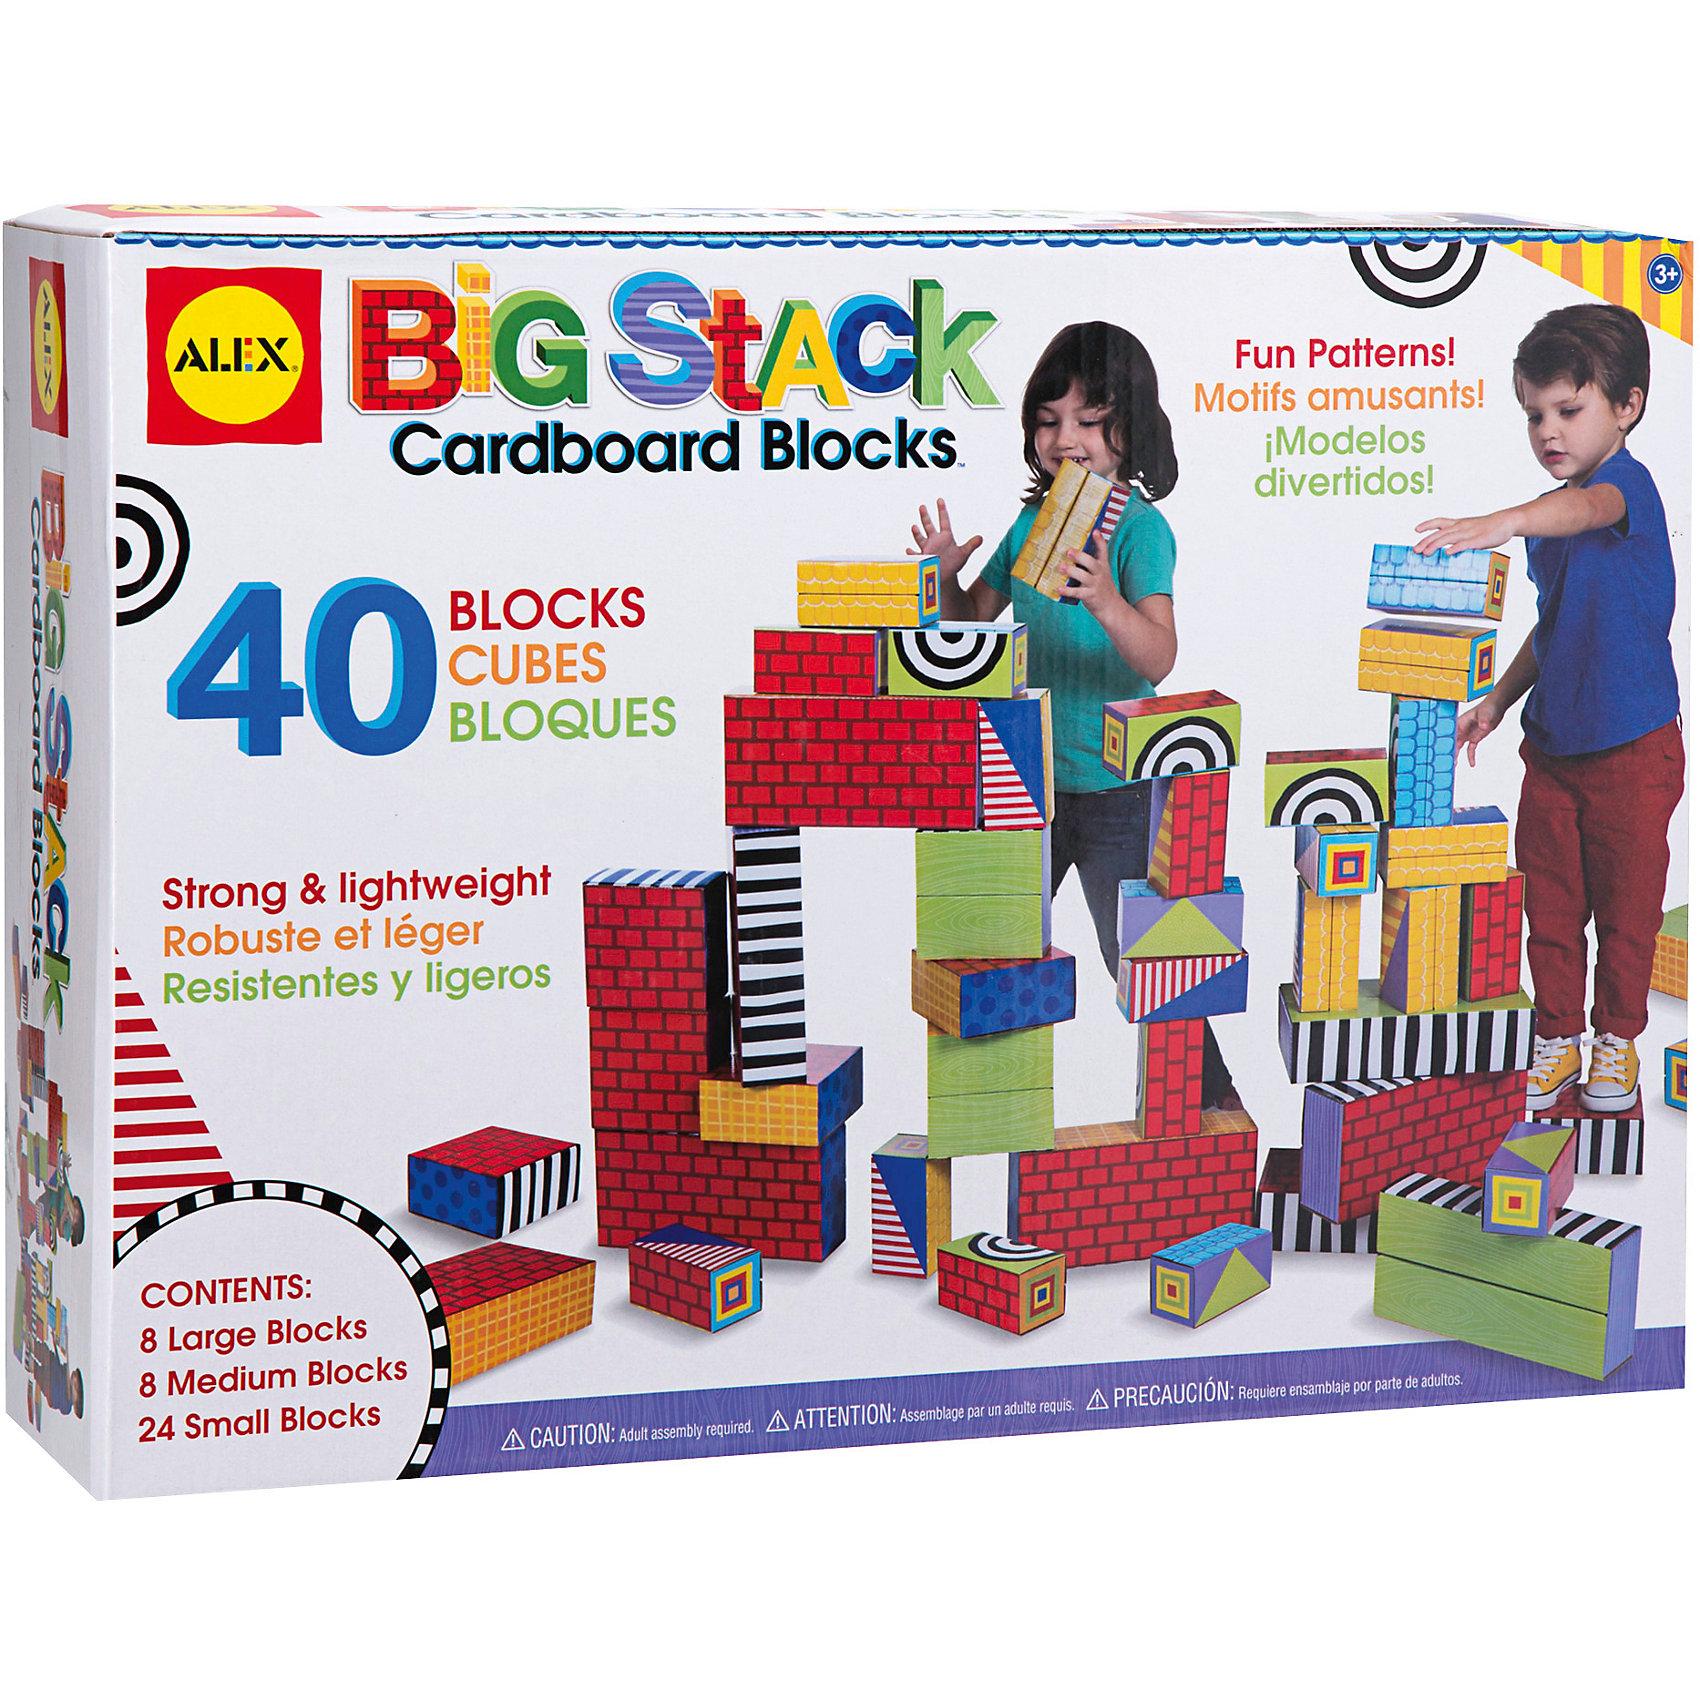 Набор Большие кубикиРукоделие<br>Этот конструктор из по-настоящему больших кубиков обязательно понравится детям. Все детали складываются из заготовок из плотного картона Из ярких кубиков можно построить крепость, на них можно даже стоять, придумывая все новые и новые игры. Различные узоры, напечатанные на фигурах открывают простор для детской фантазии и разнообразных игр. <br><br>Дополнительная информация:<br><br>- Материал: картон.<br>- Выдерживают вес  до 50 кг.<br>- В наборе 8 больших, 8 средних и 24 малых кубика.<br><br>Набор Большие кубики можно купить в нашем магазине.<br><br>Ширина мм: 50<br>Глубина мм: 14<br>Высота мм: 39<br>Вес г: 3828<br>Возраст от месяцев: 36<br>Возраст до месяцев: 72<br>Пол: Унисекс<br>Возраст: Детский<br>SKU: 4347883